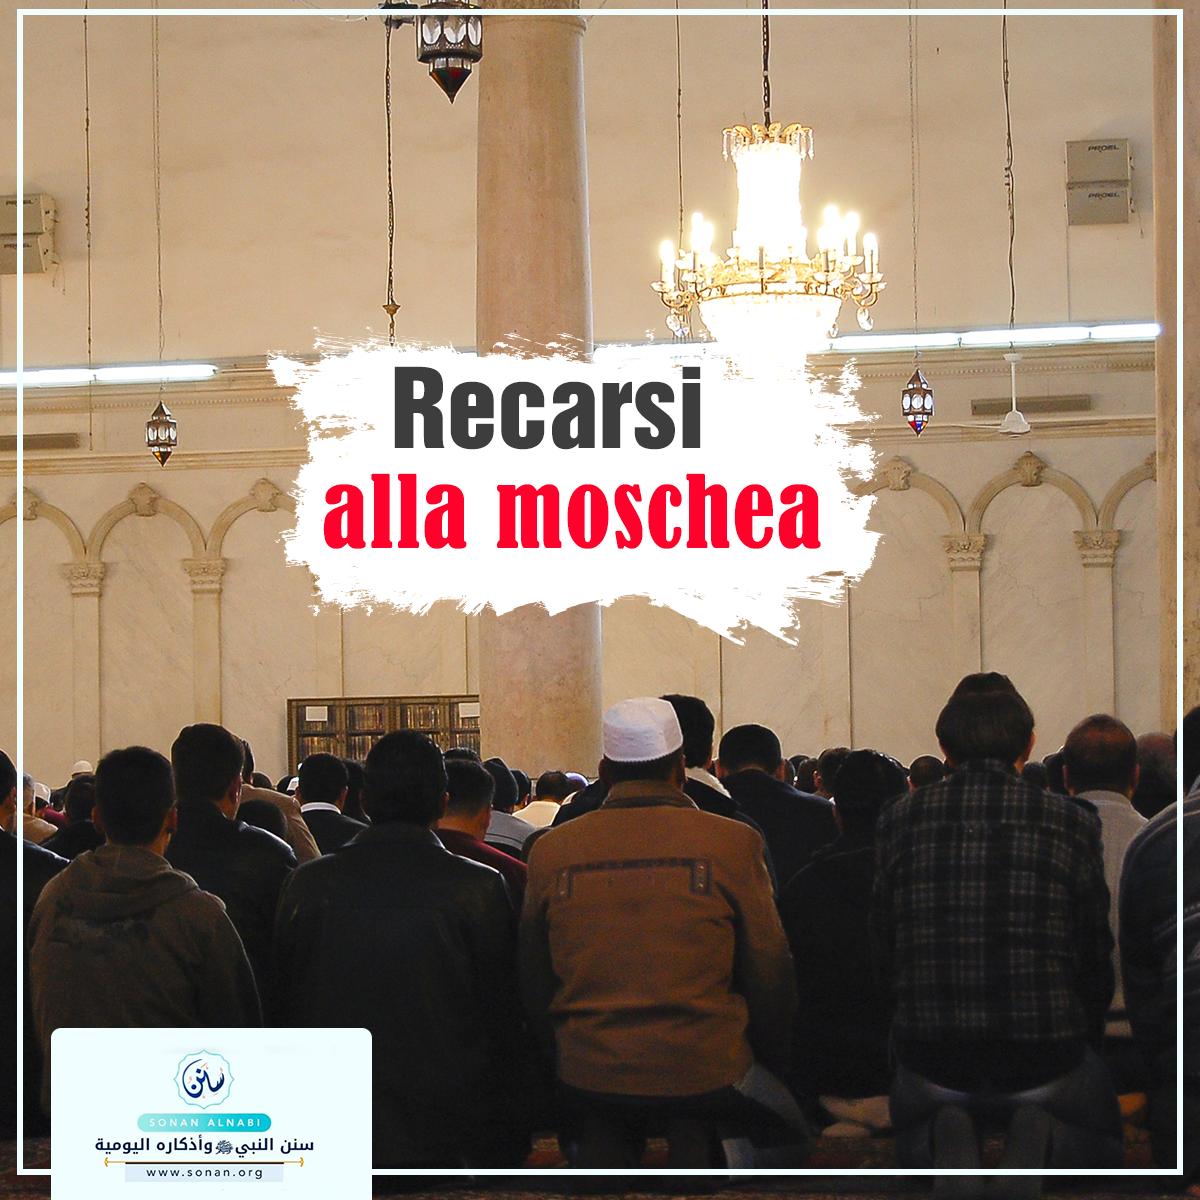 Recarsi alla moschea